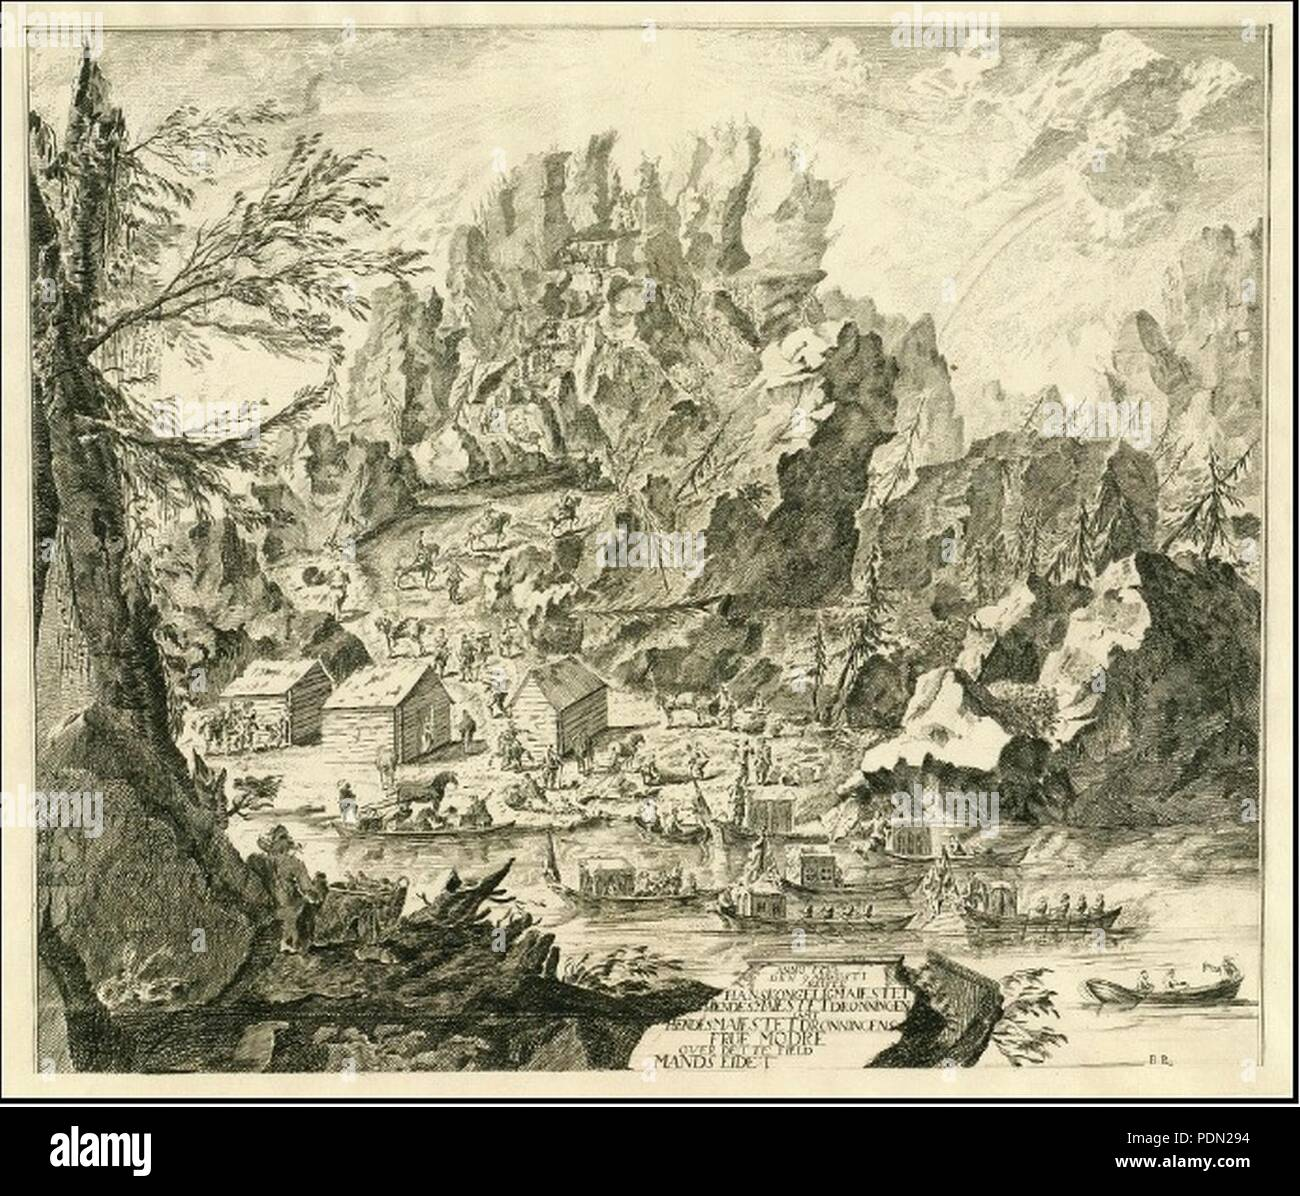 Anno 1733 den 9 Augusti reiste sur ce domaine Commandes Eidet. Photo Stock